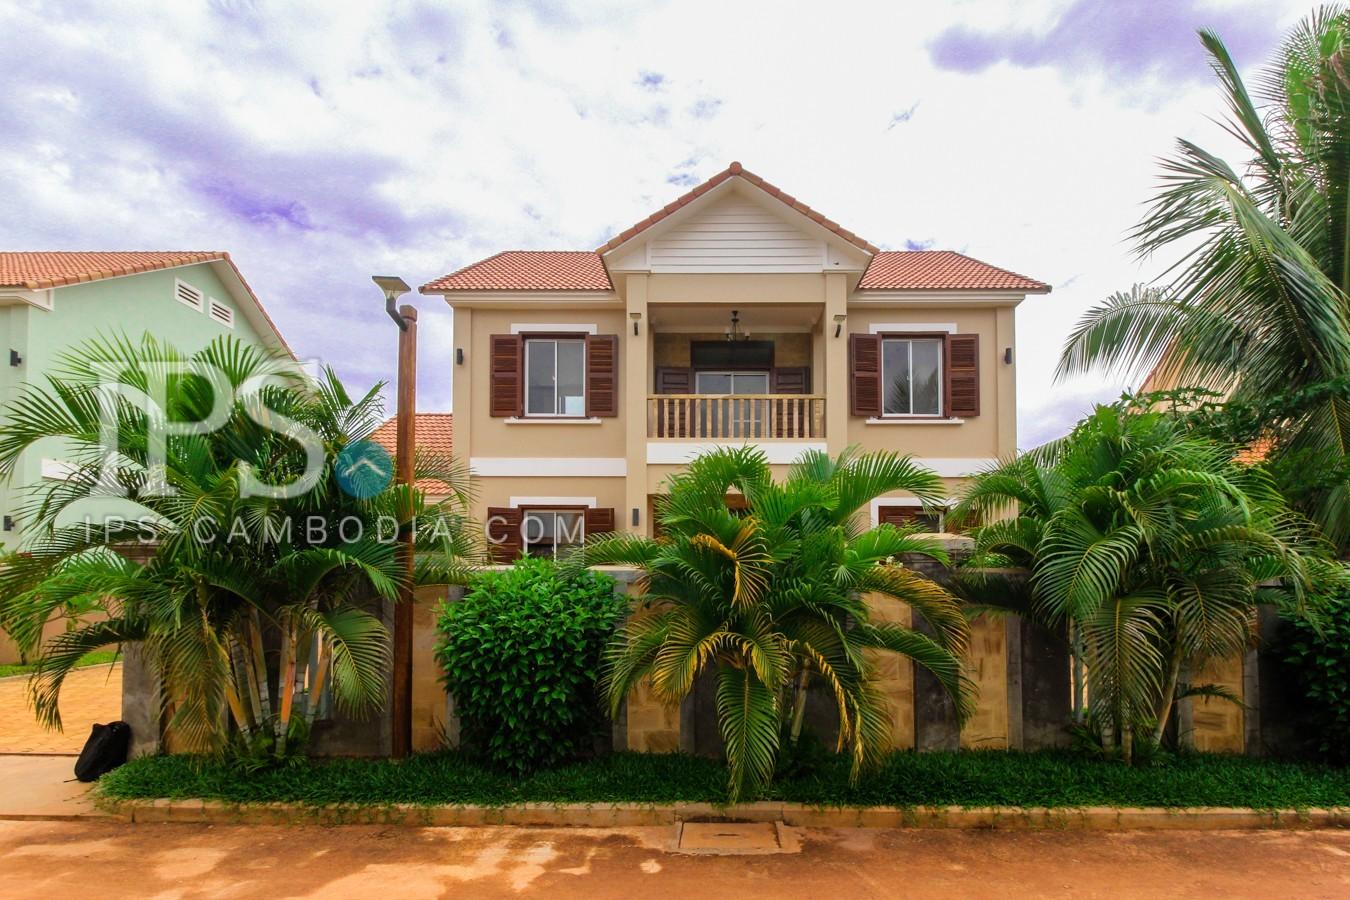 4 Bedrooms Villa For Rent - Svay Dangkum, Siem Reap